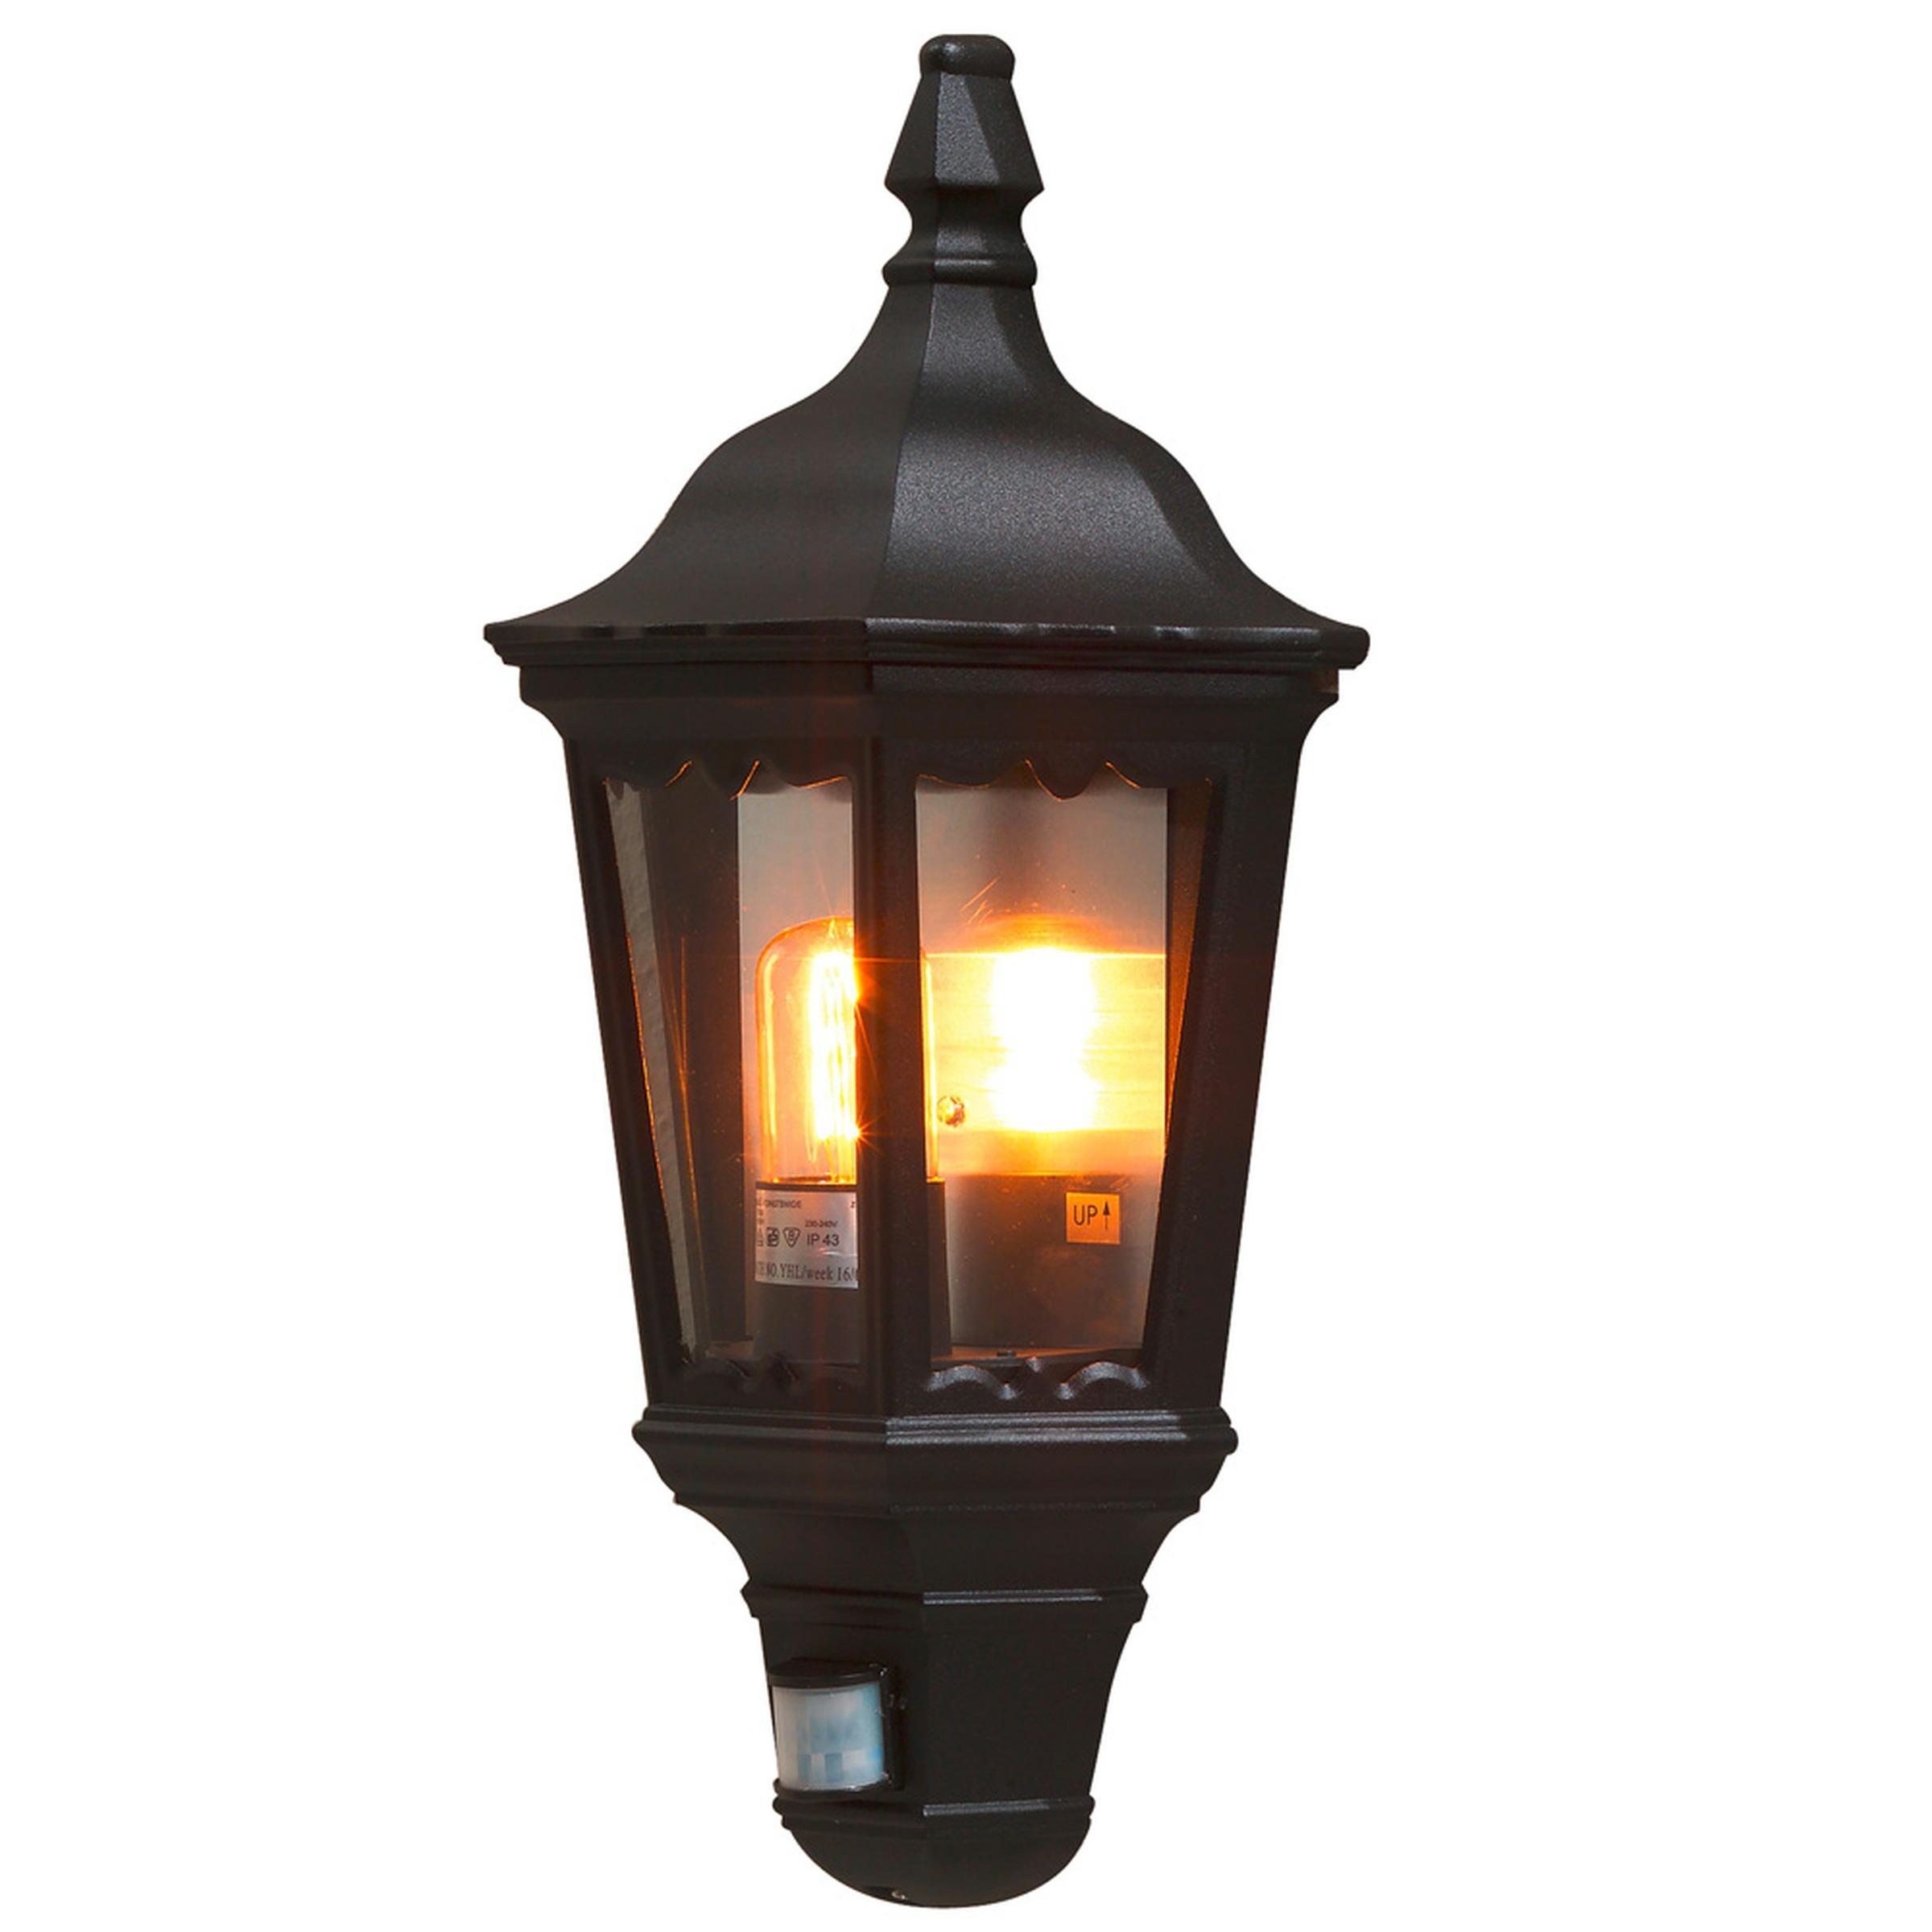 Buitenwandlamp FIRENZE met bewegingsmelder, zwart